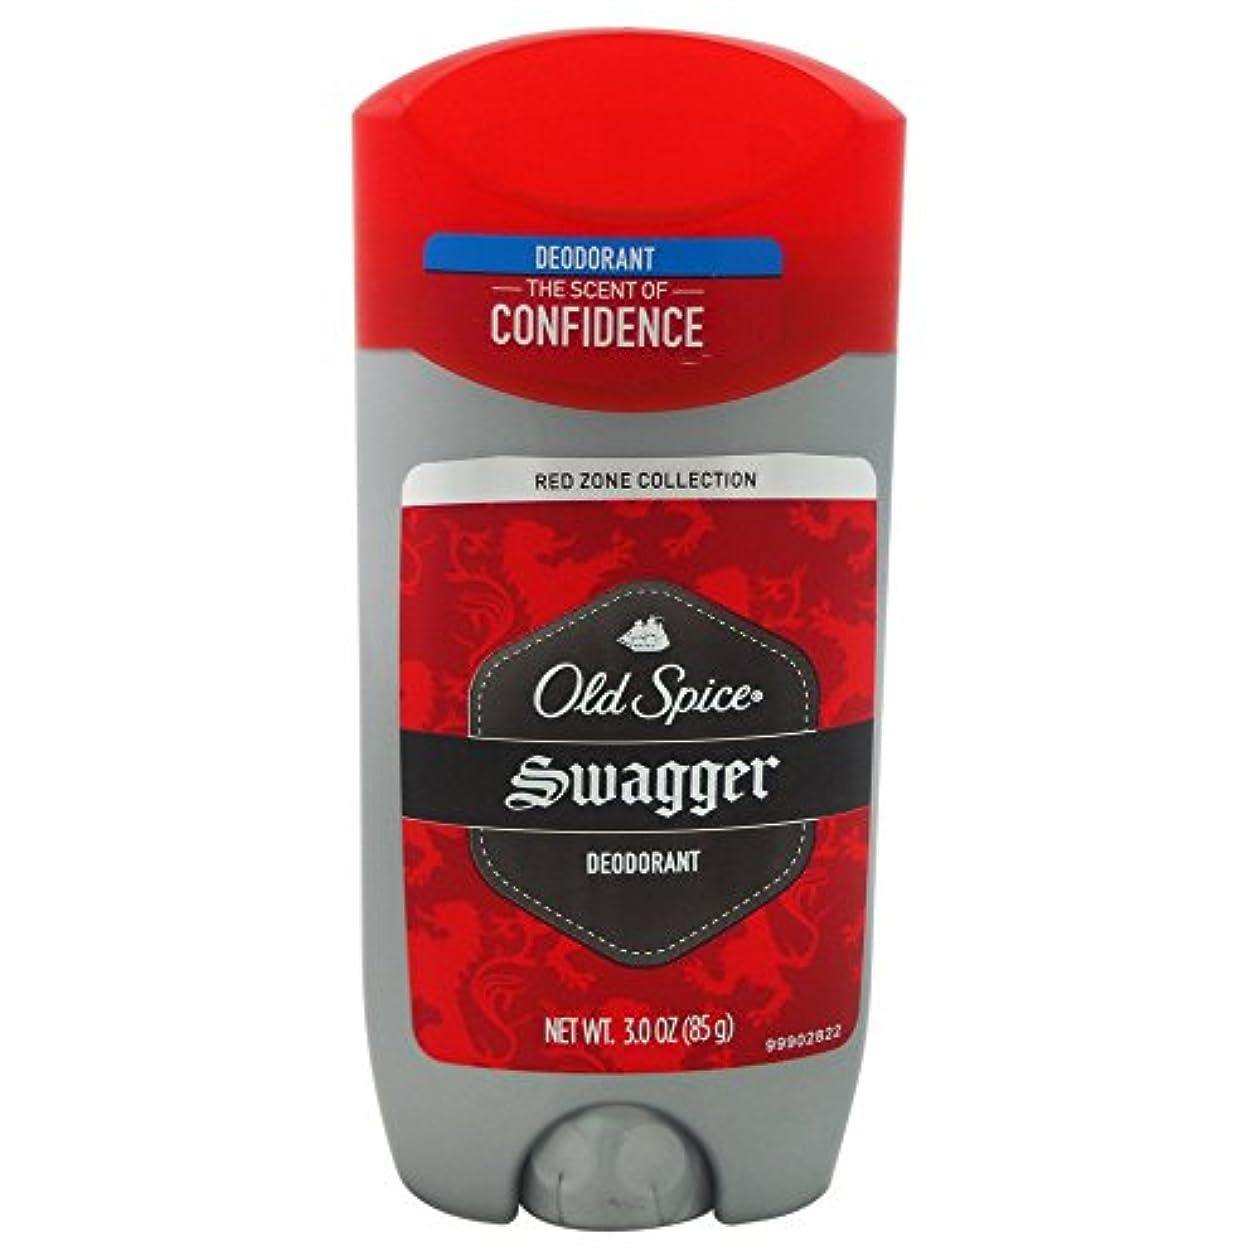 株式会社指定する好意オールドスパイス(Old Spice) RED ZONE COLLECTION スワッガー デオドラント 85g[並行輸入品]